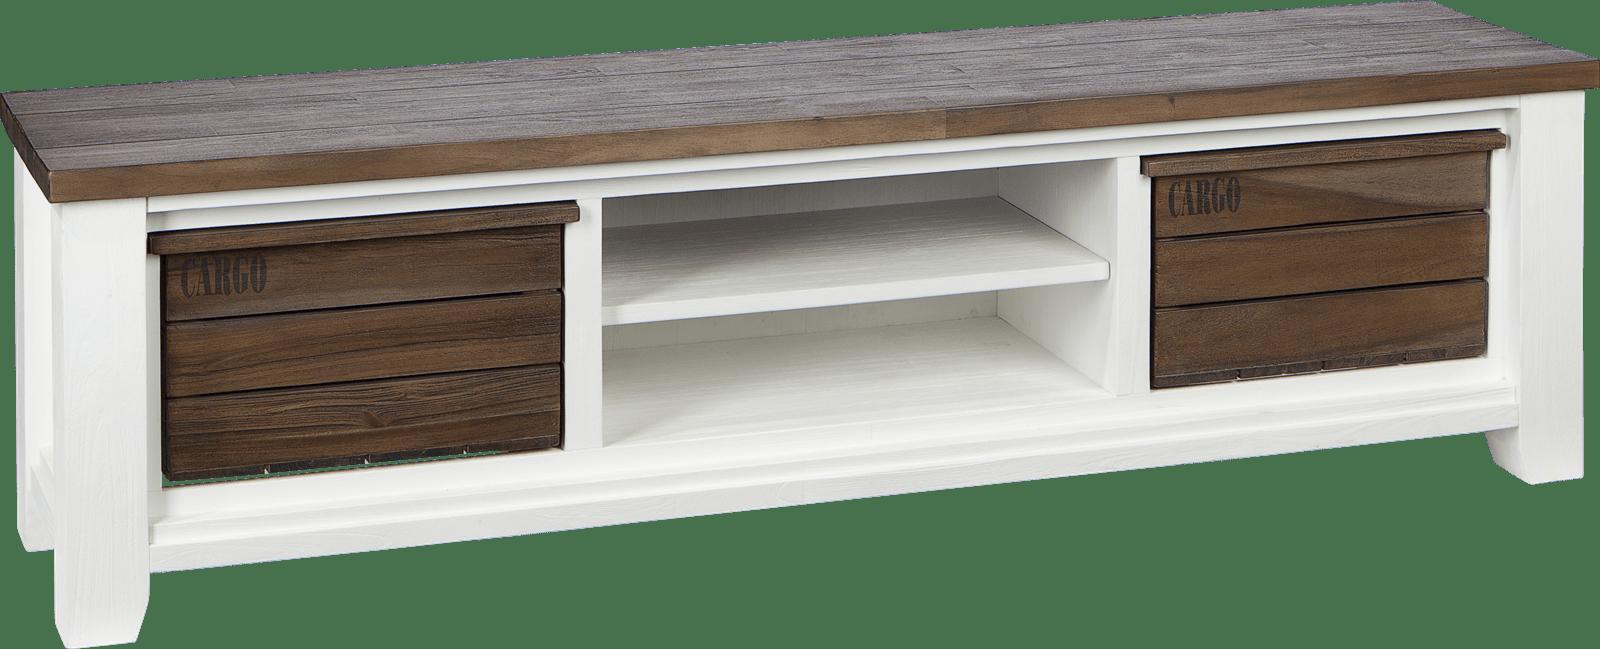 Velasco - tv-dressoir 190 cm - 2-boxen + 2-niches